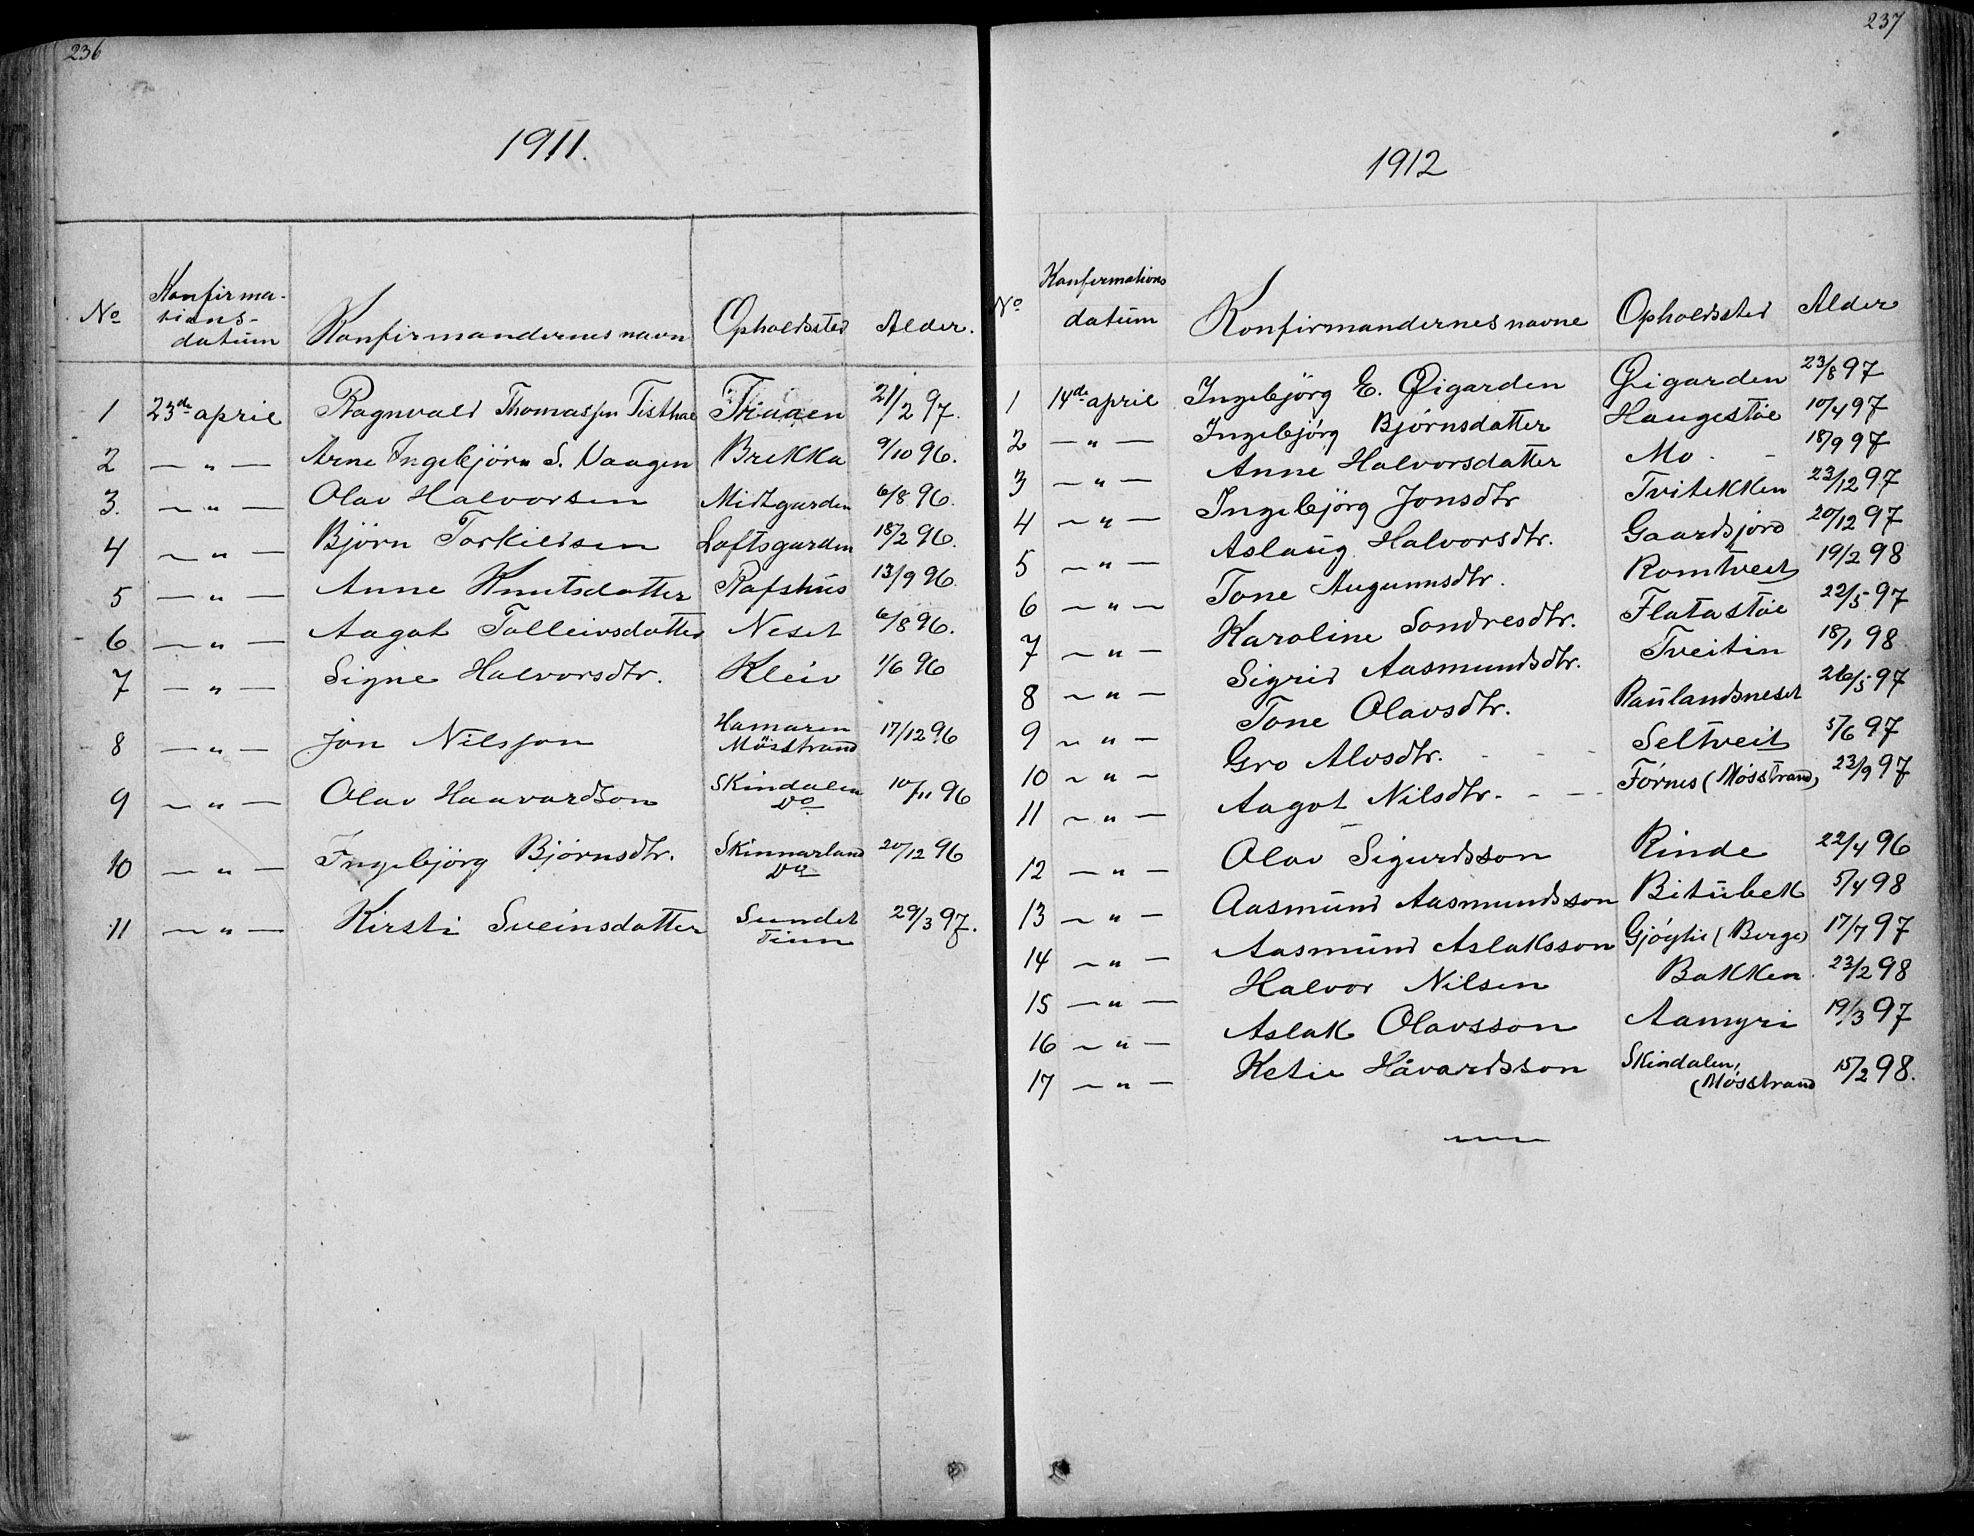 SAKO, Rauland kirkebøker, G/Ga/L0002: Klokkerbok nr. I 2, 1849-1935, s. 236-237